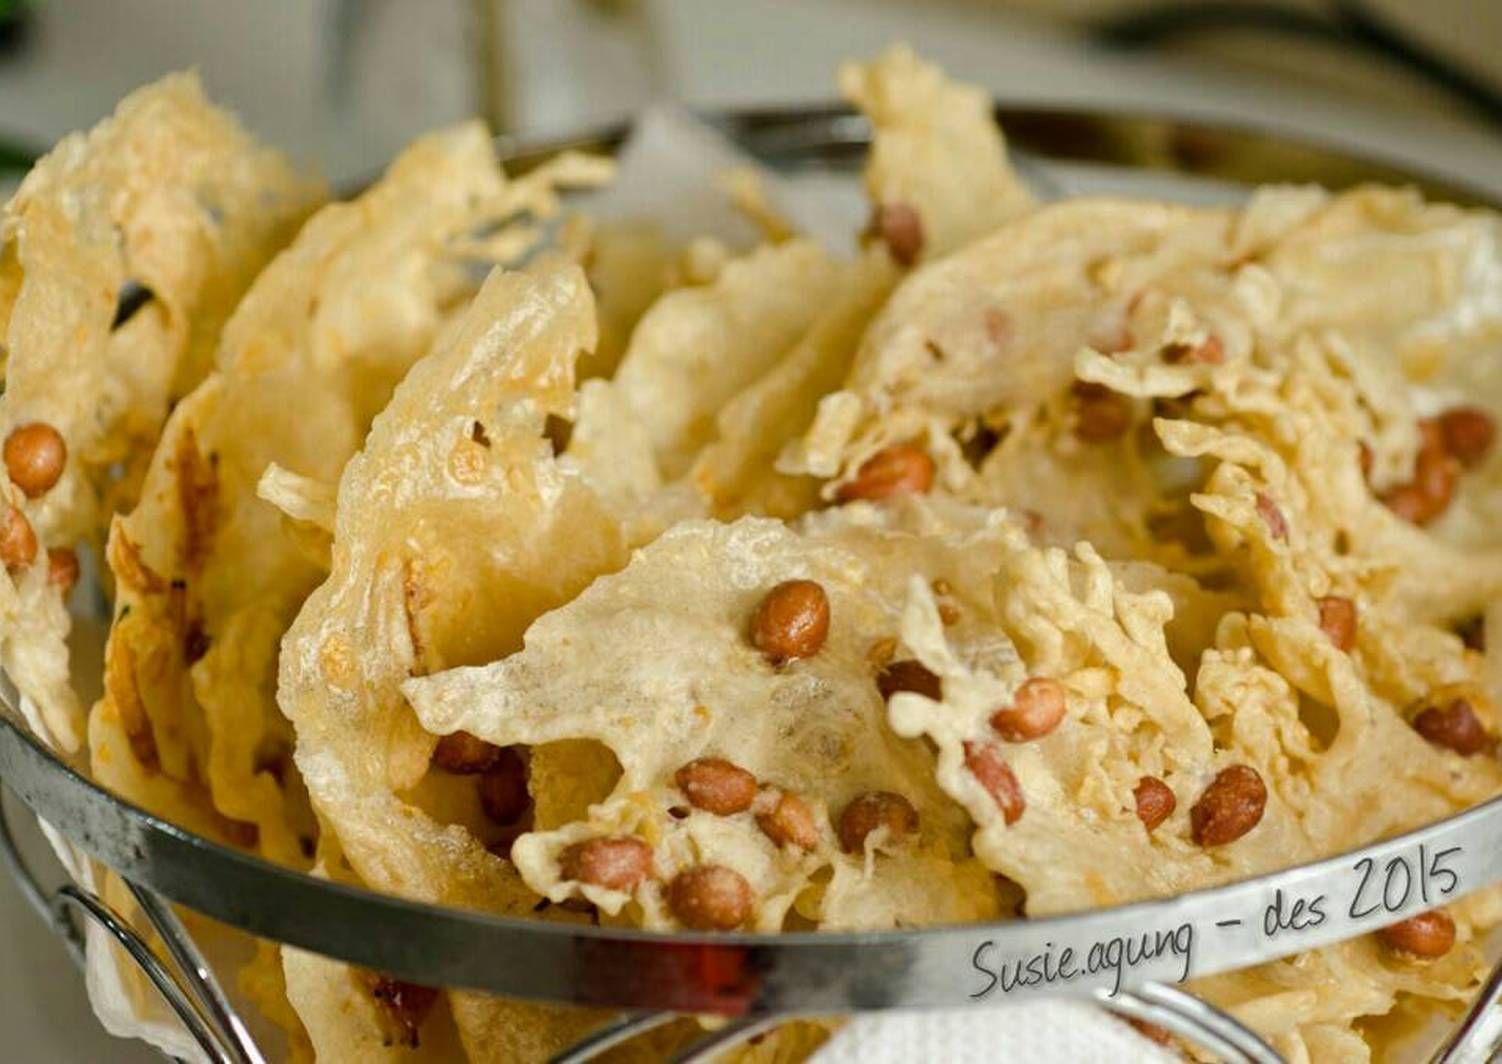 Resep Peyek Kacang Renyah Oleh Susi Agung Resep Makanan Dan Minuman Resep Makanan Masakan